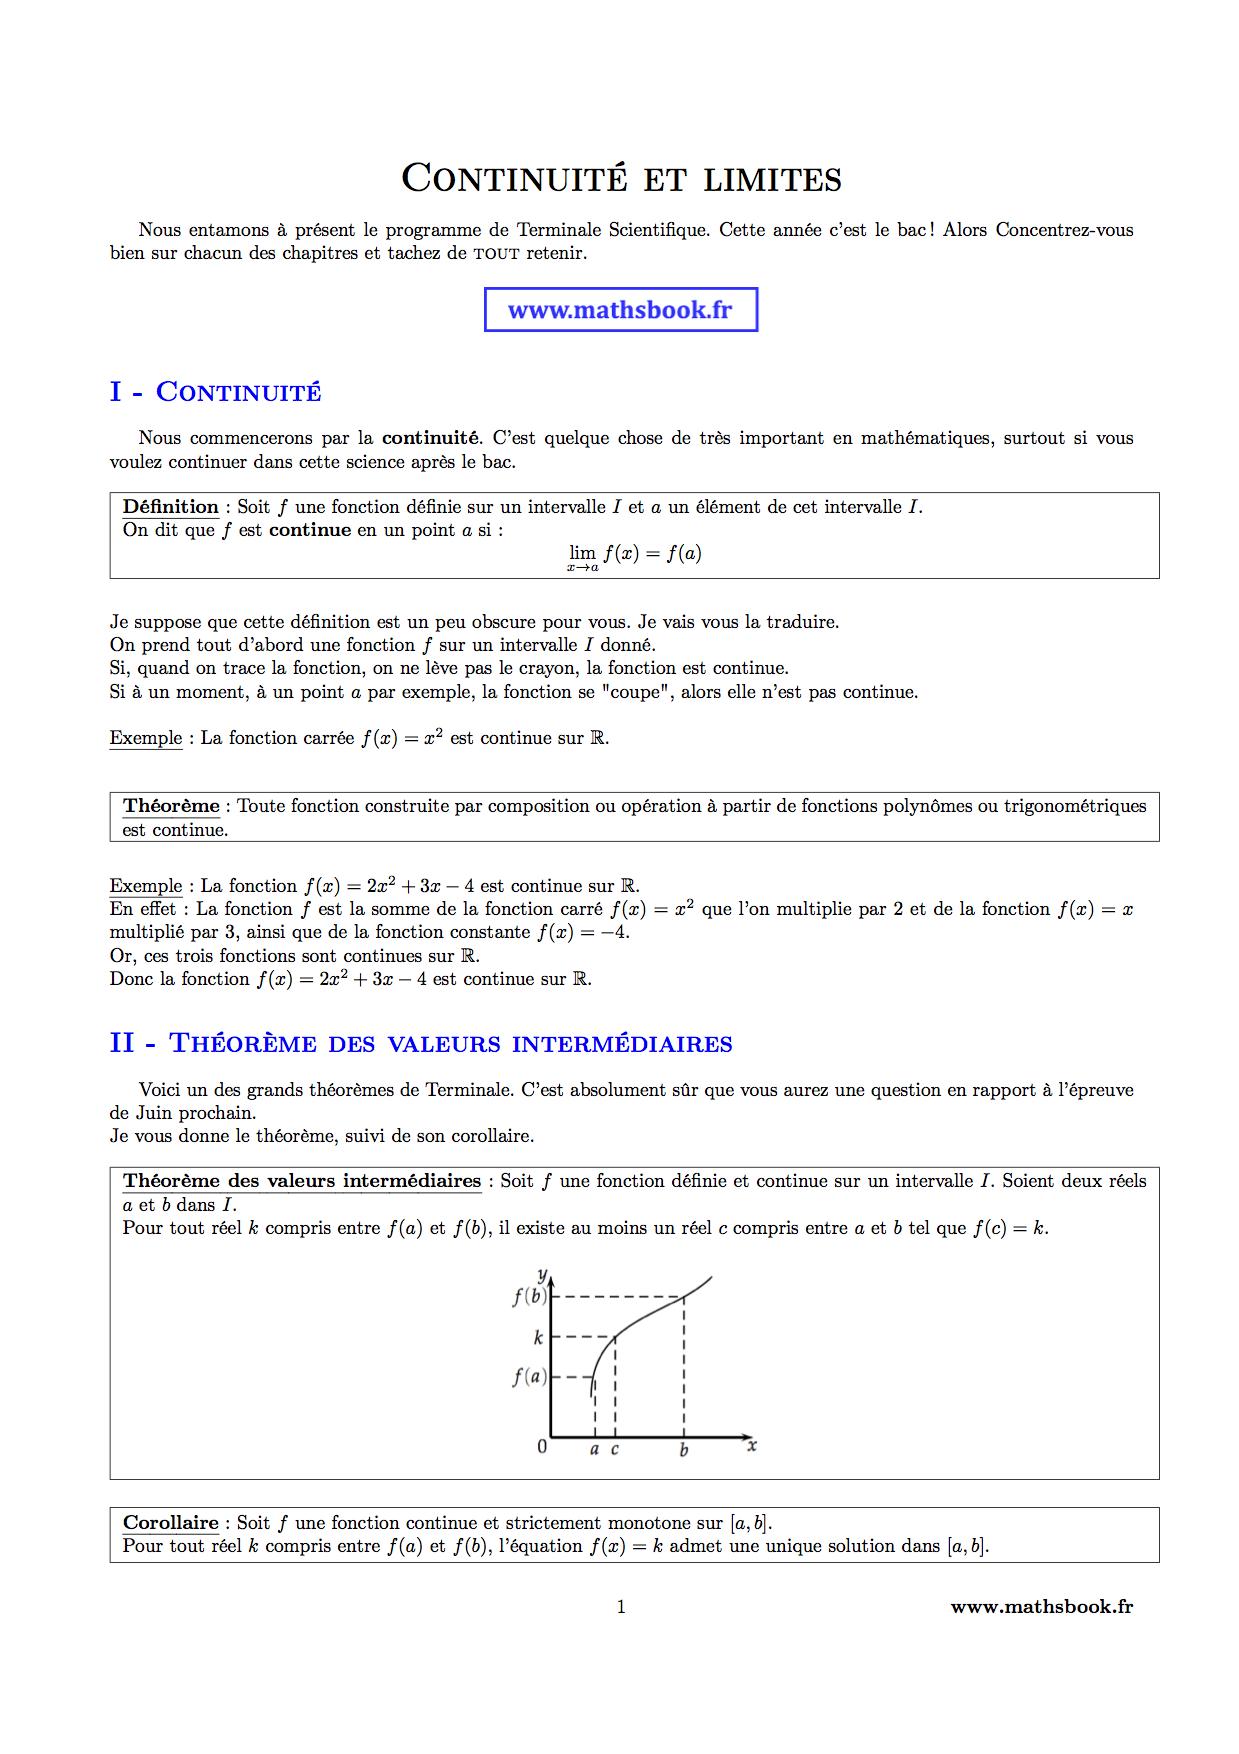 exercices théorème des valeurs intermédiaires terminale s pdf